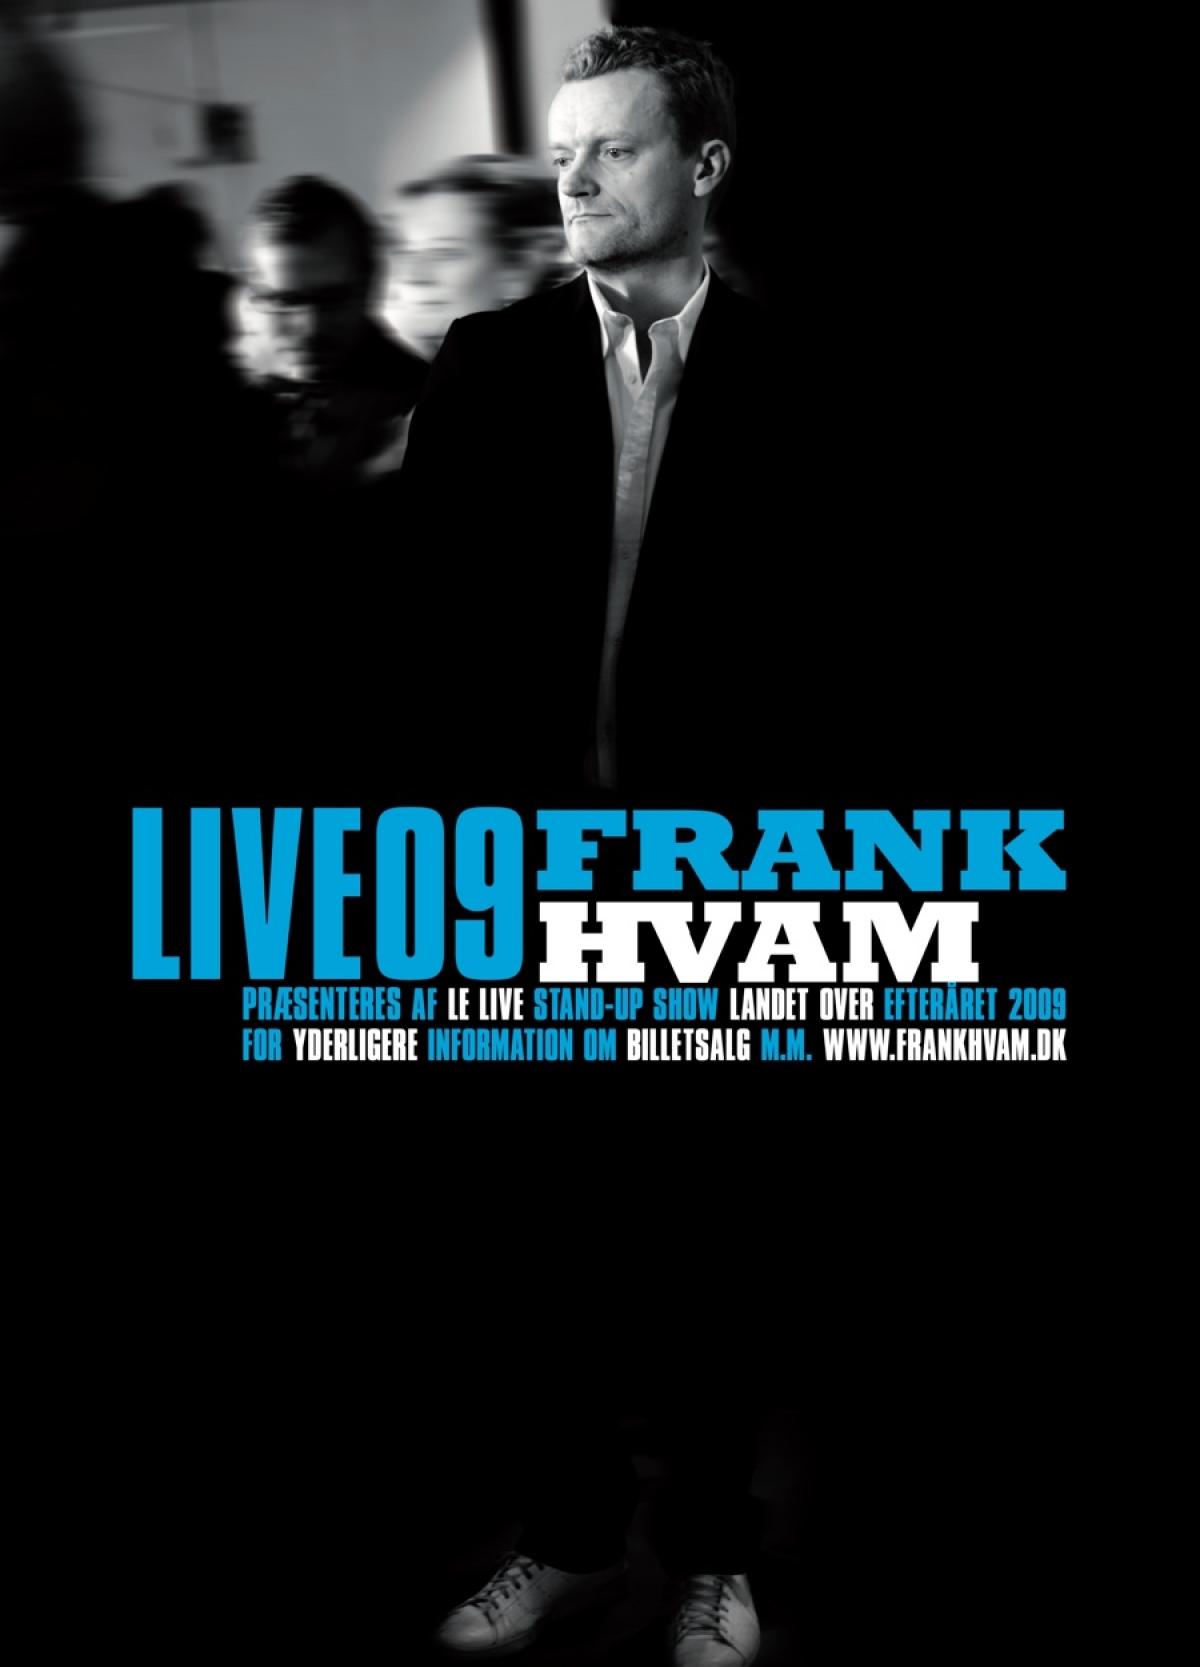 Frank Hvam - Live '09